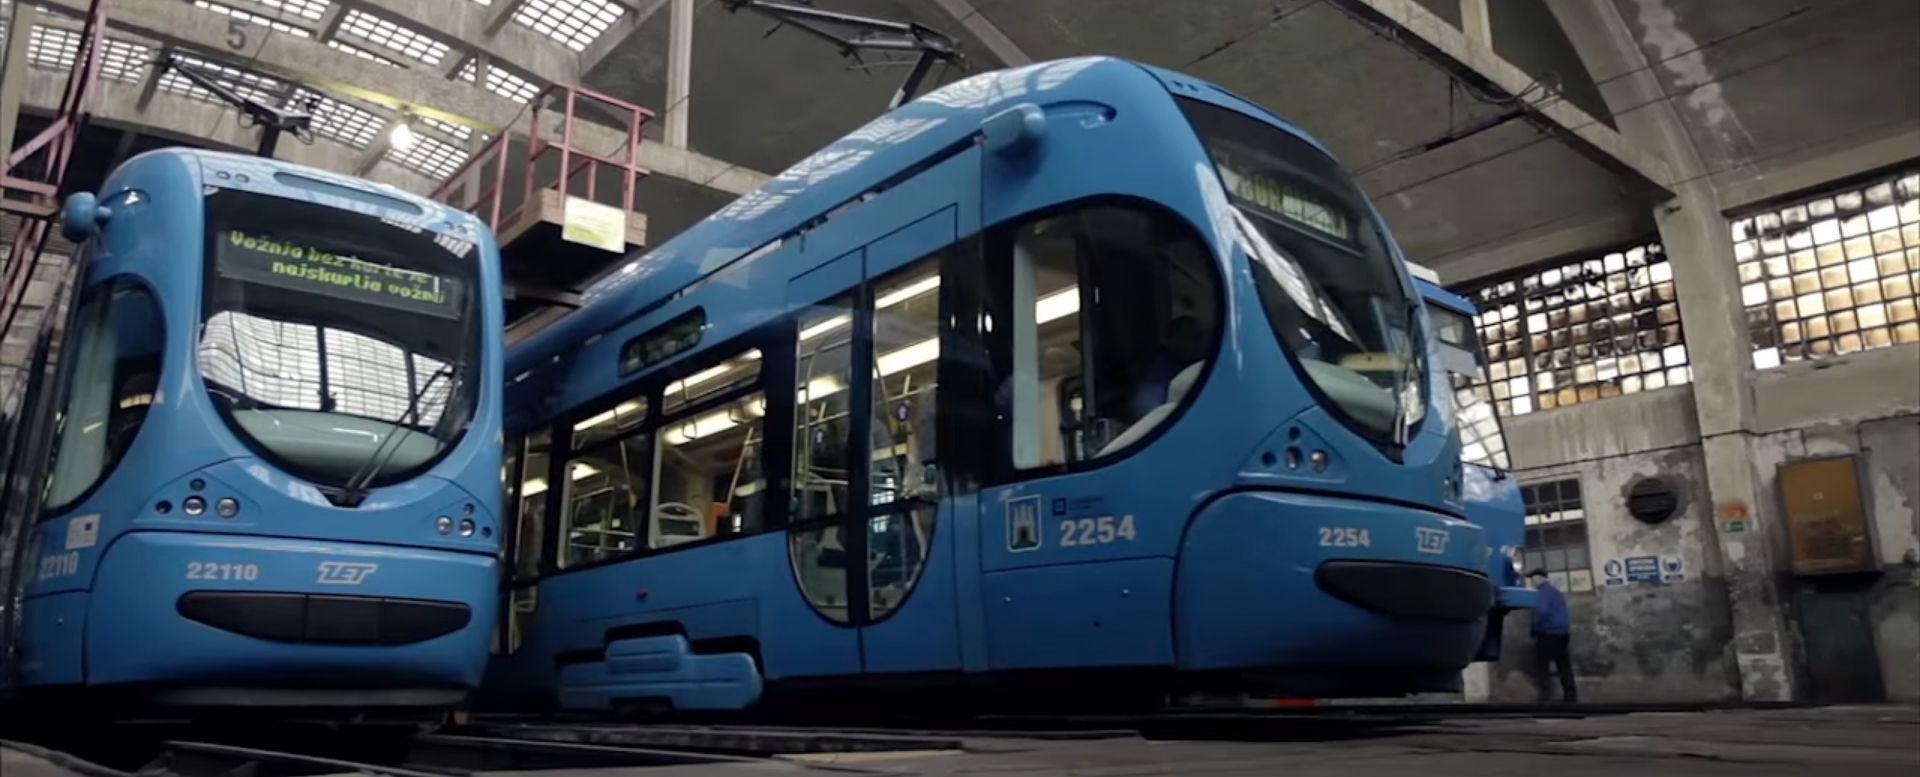 U podne staje javni prijevoz u četiri najveća hrvatska grada